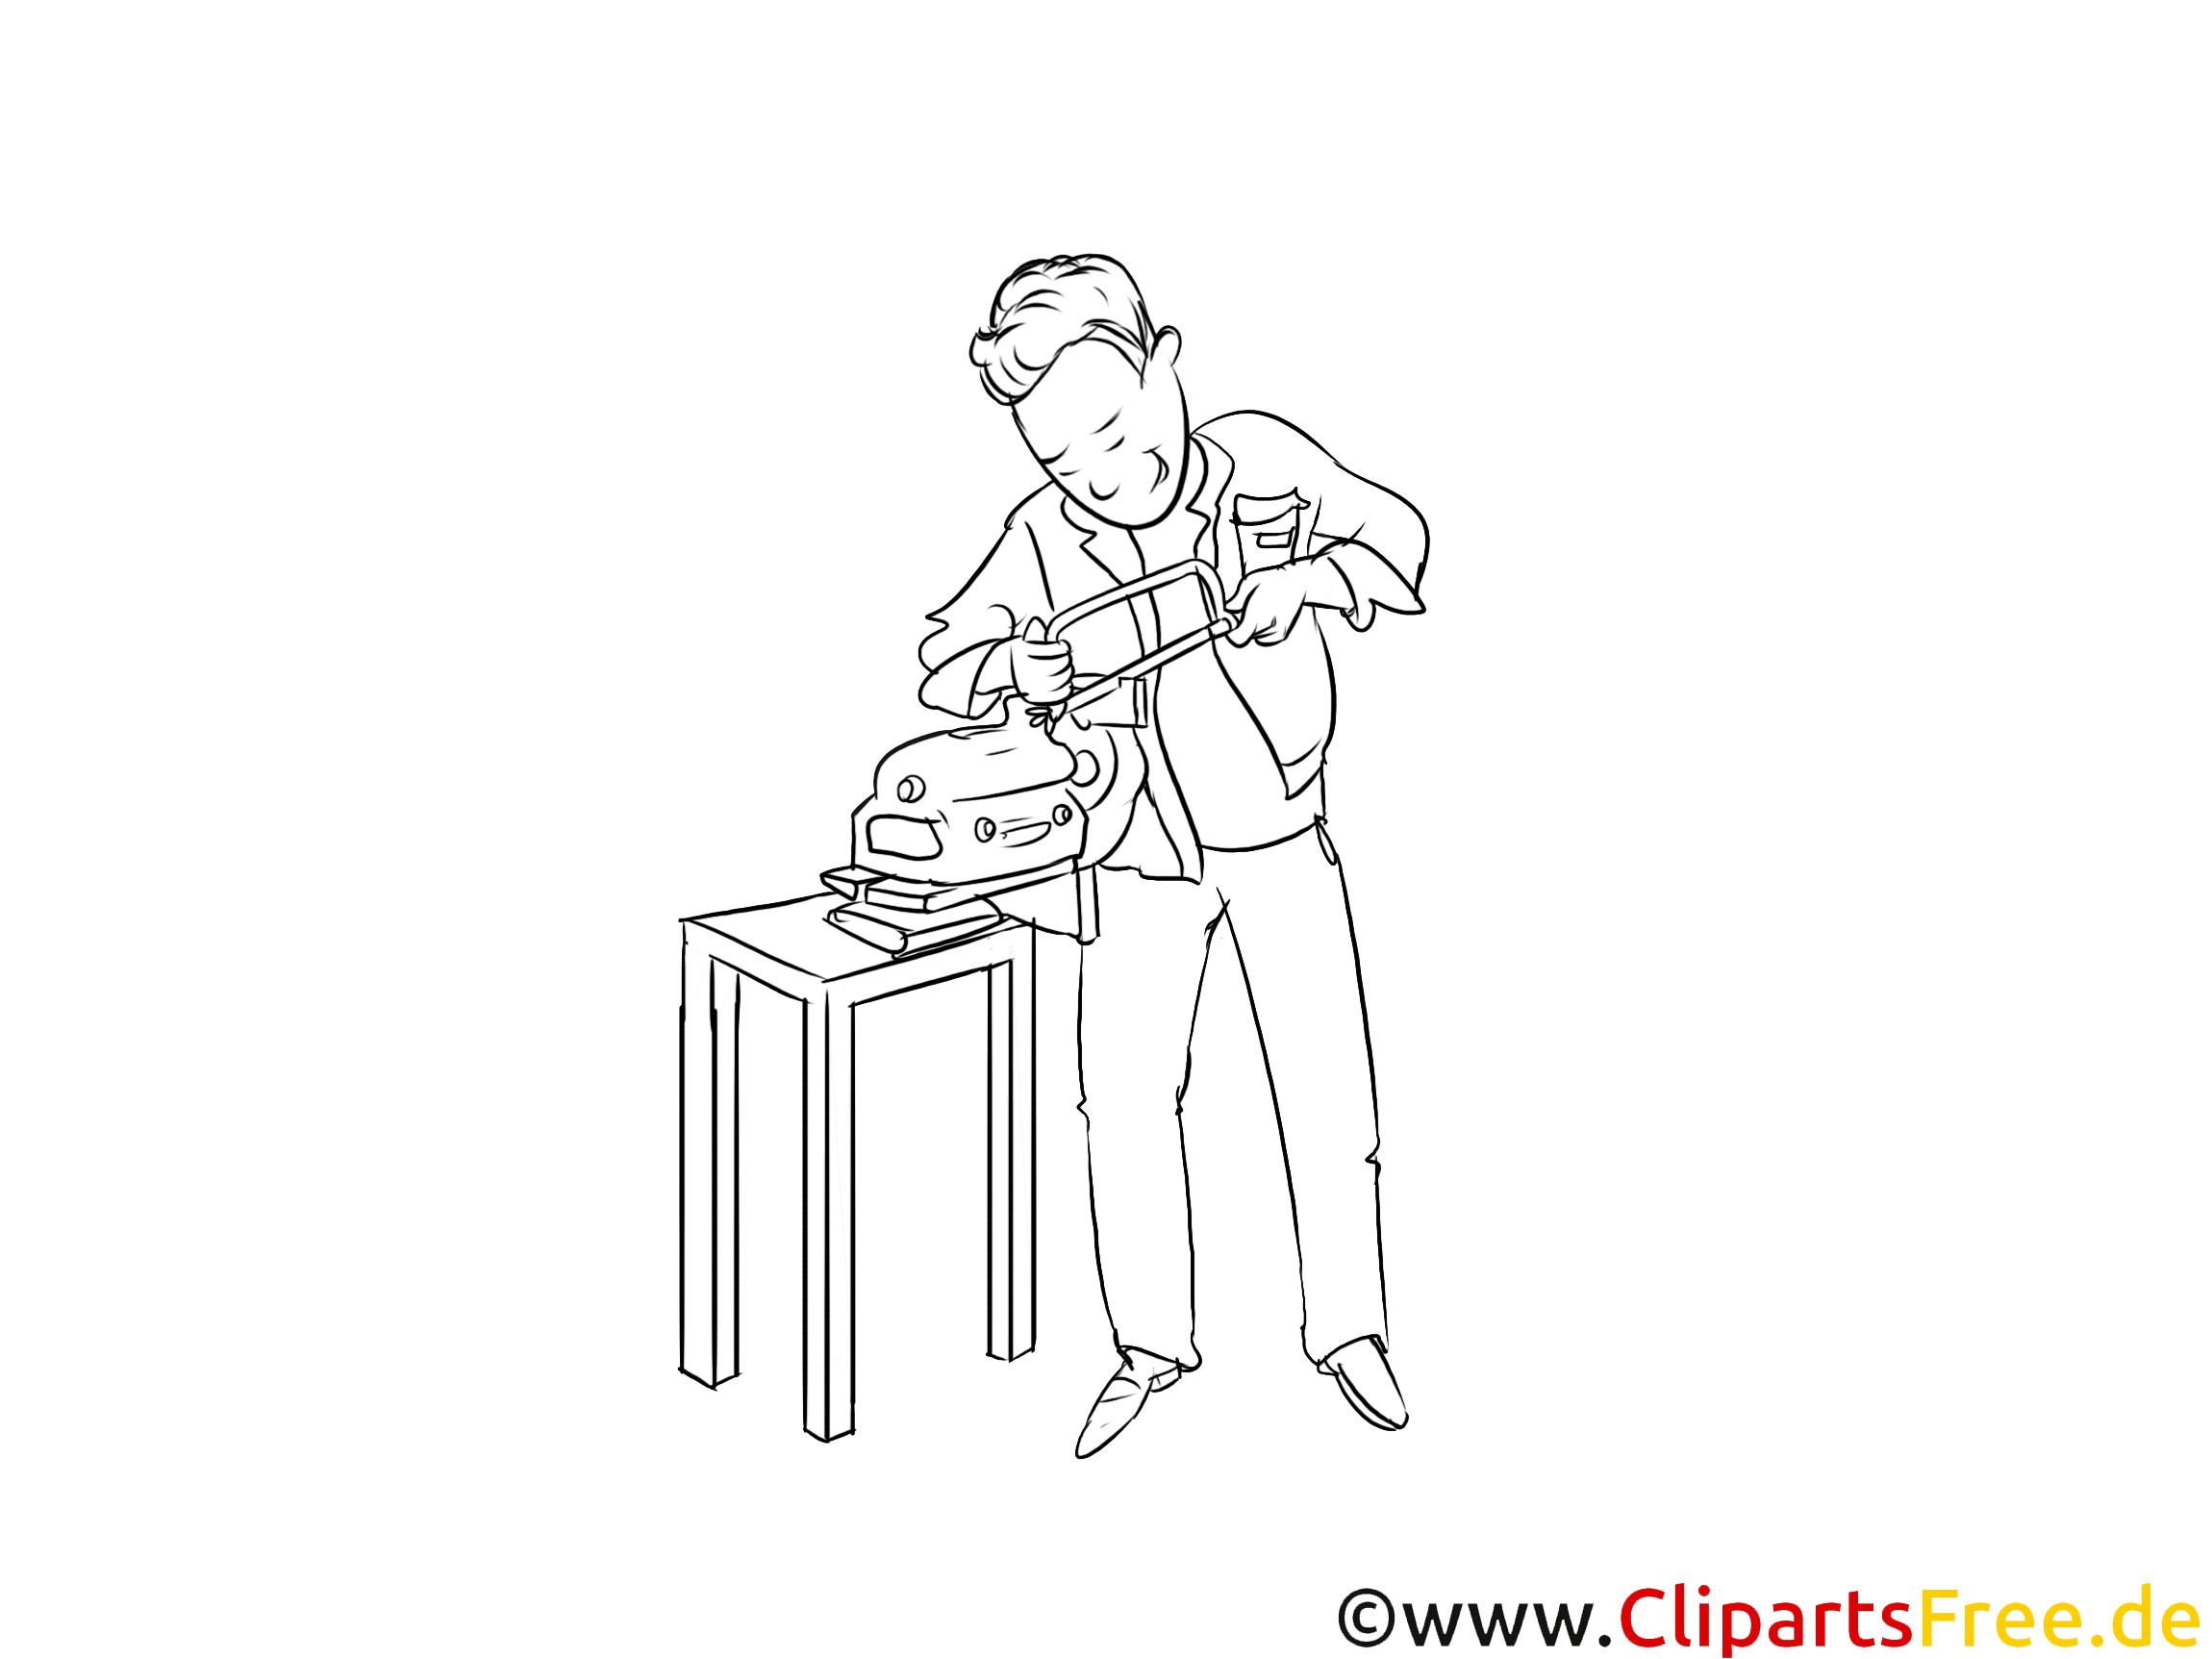 Schwarz weiß Clipart Werkzeugmechaniker